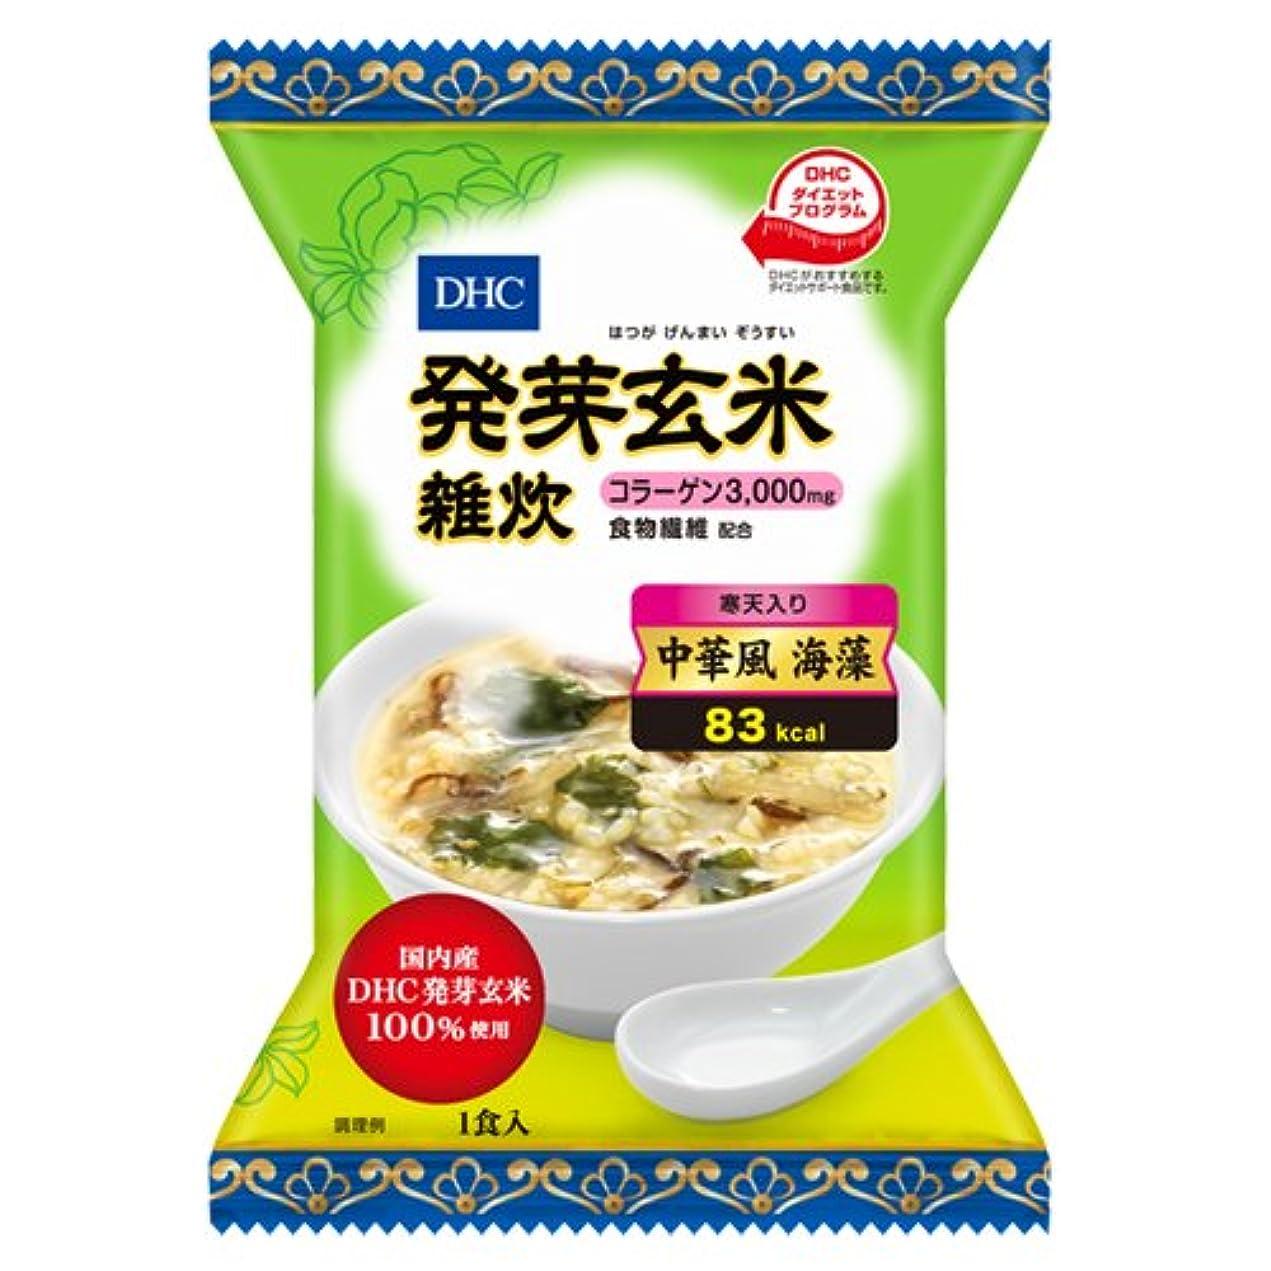 ビヨン卑しい彼女自身DHC発芽玄米雑炊(コラーゲン?寒天入り) 中華風 海藻